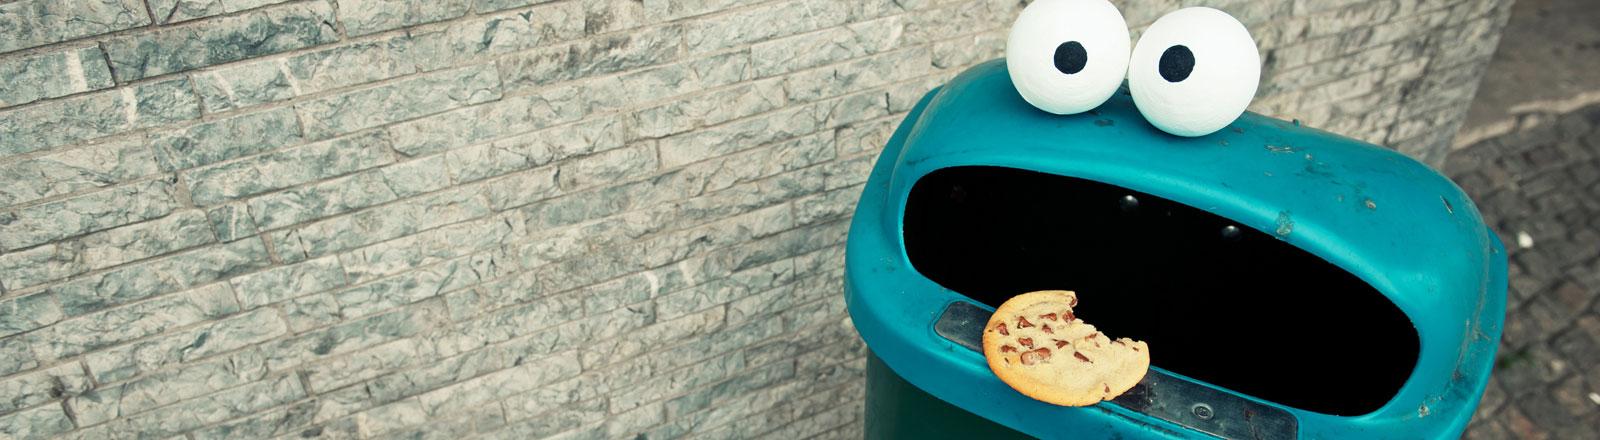 Ein Mülleimer, der aussieht wie das Krümelmonster der Sesamstraße.